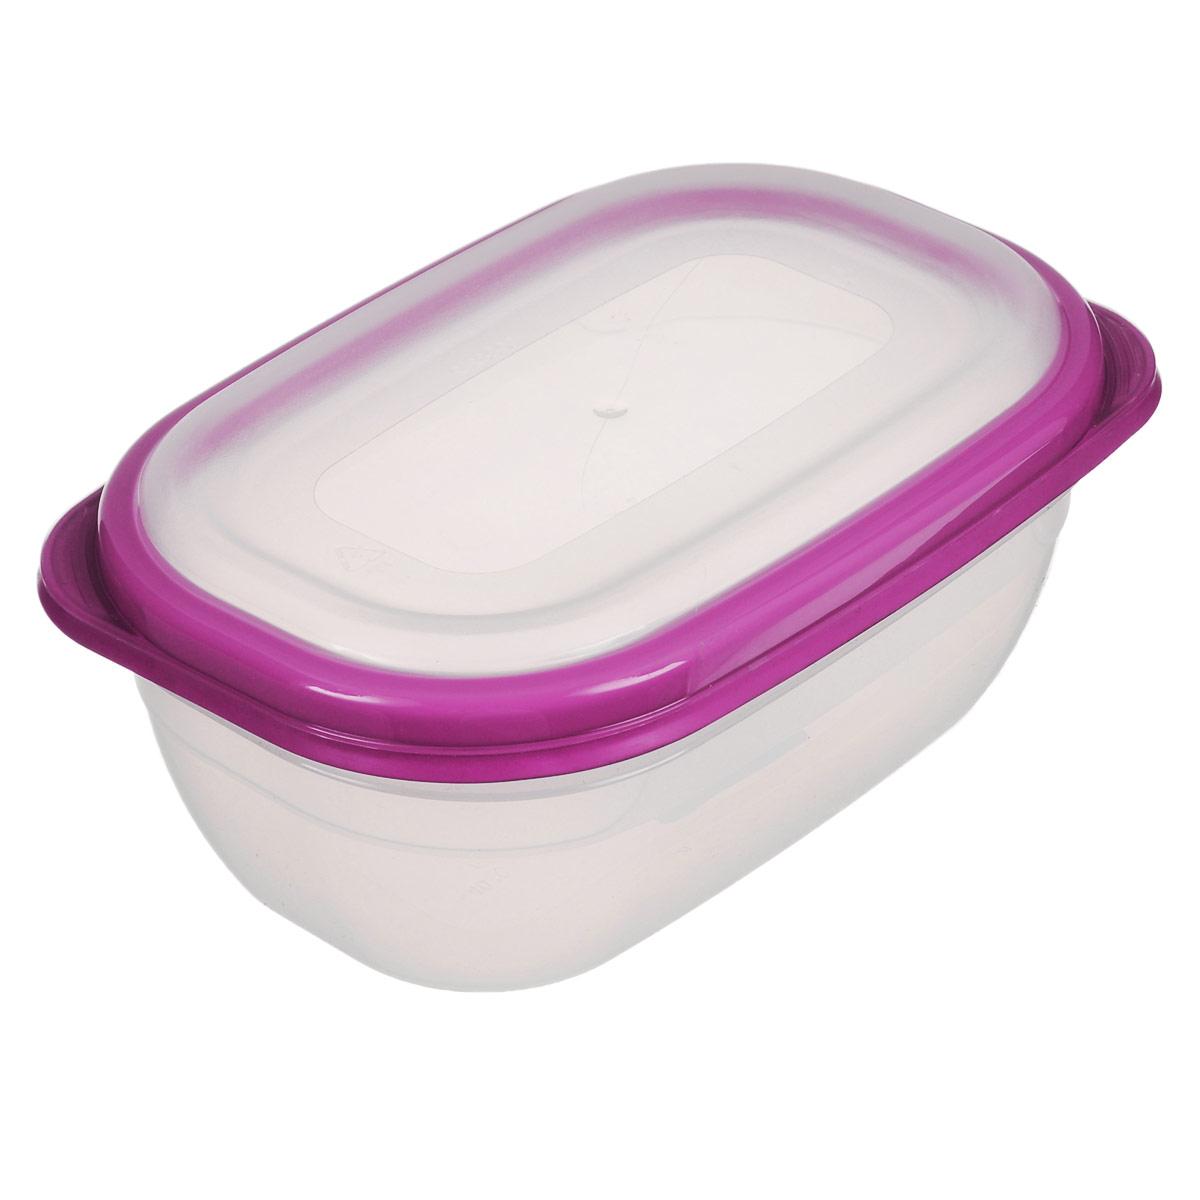 Контейнер для СВЧ Полимербыт Премиум, цвет: прозрачный, розовый, 0,5 л68/5/3Прямоугольный контейнер для СВЧ Полимербыт Премиум изготовлен из высококачественного прочного пластика, устойчивого к высоким температурам (до +110°С). Крышка плотно и герметично закрывается, дольше сохраняя продукты свежими и вкусными. Контейнер идеально подходит для хранения пищи, его удобно брать с собой на работу, учебу, пикник или просто использовать для хранения пищи в холодильнике.Подходит для разогрева пищи в микроволновой печи и для заморозки в морозильной камере (при минимальной температуре -40°С). Можно мыть в посудомоечной машине.